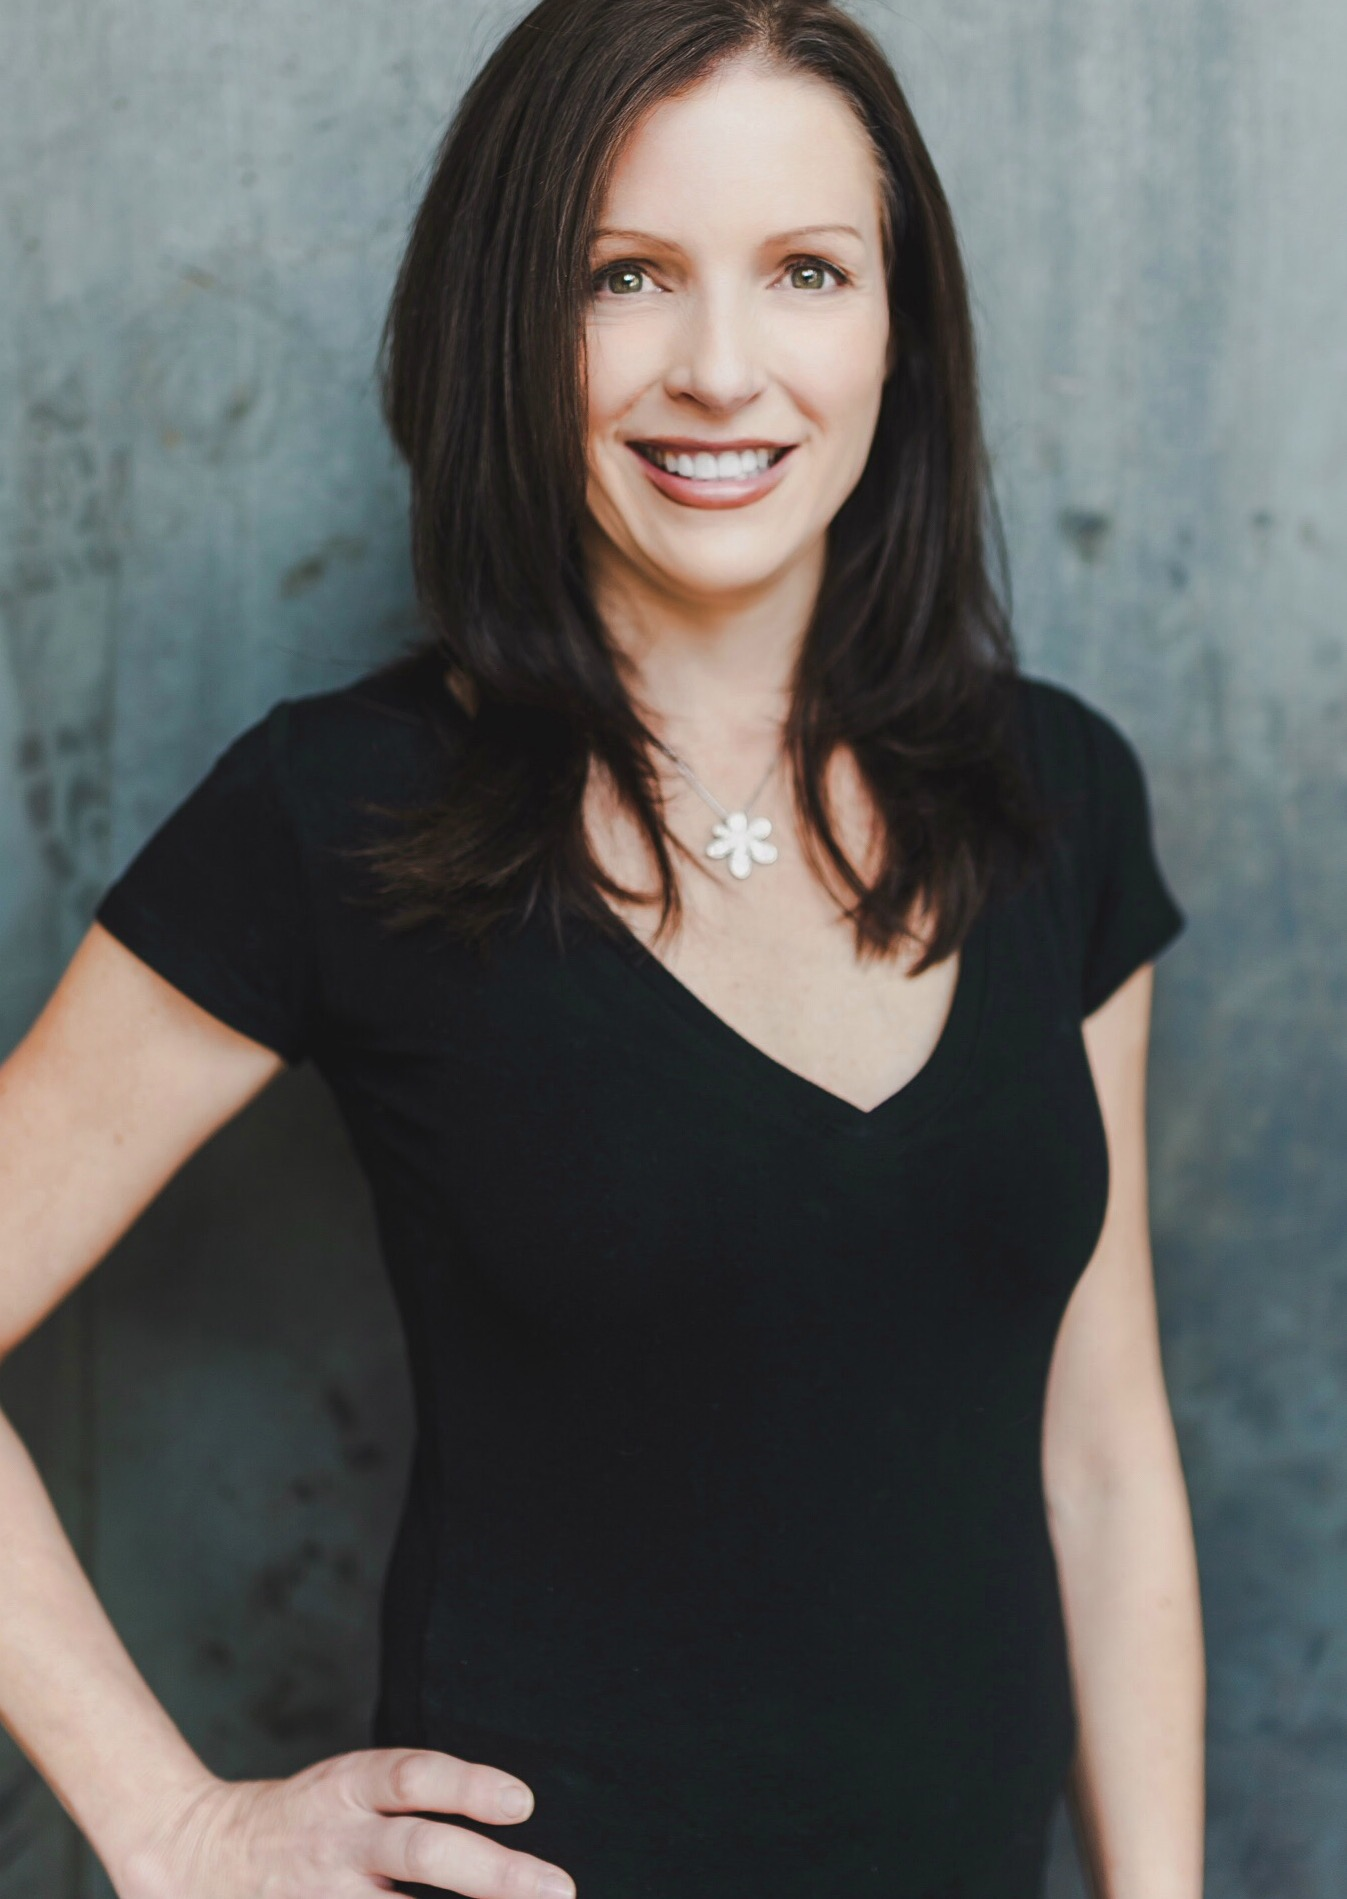 Mimi Kates